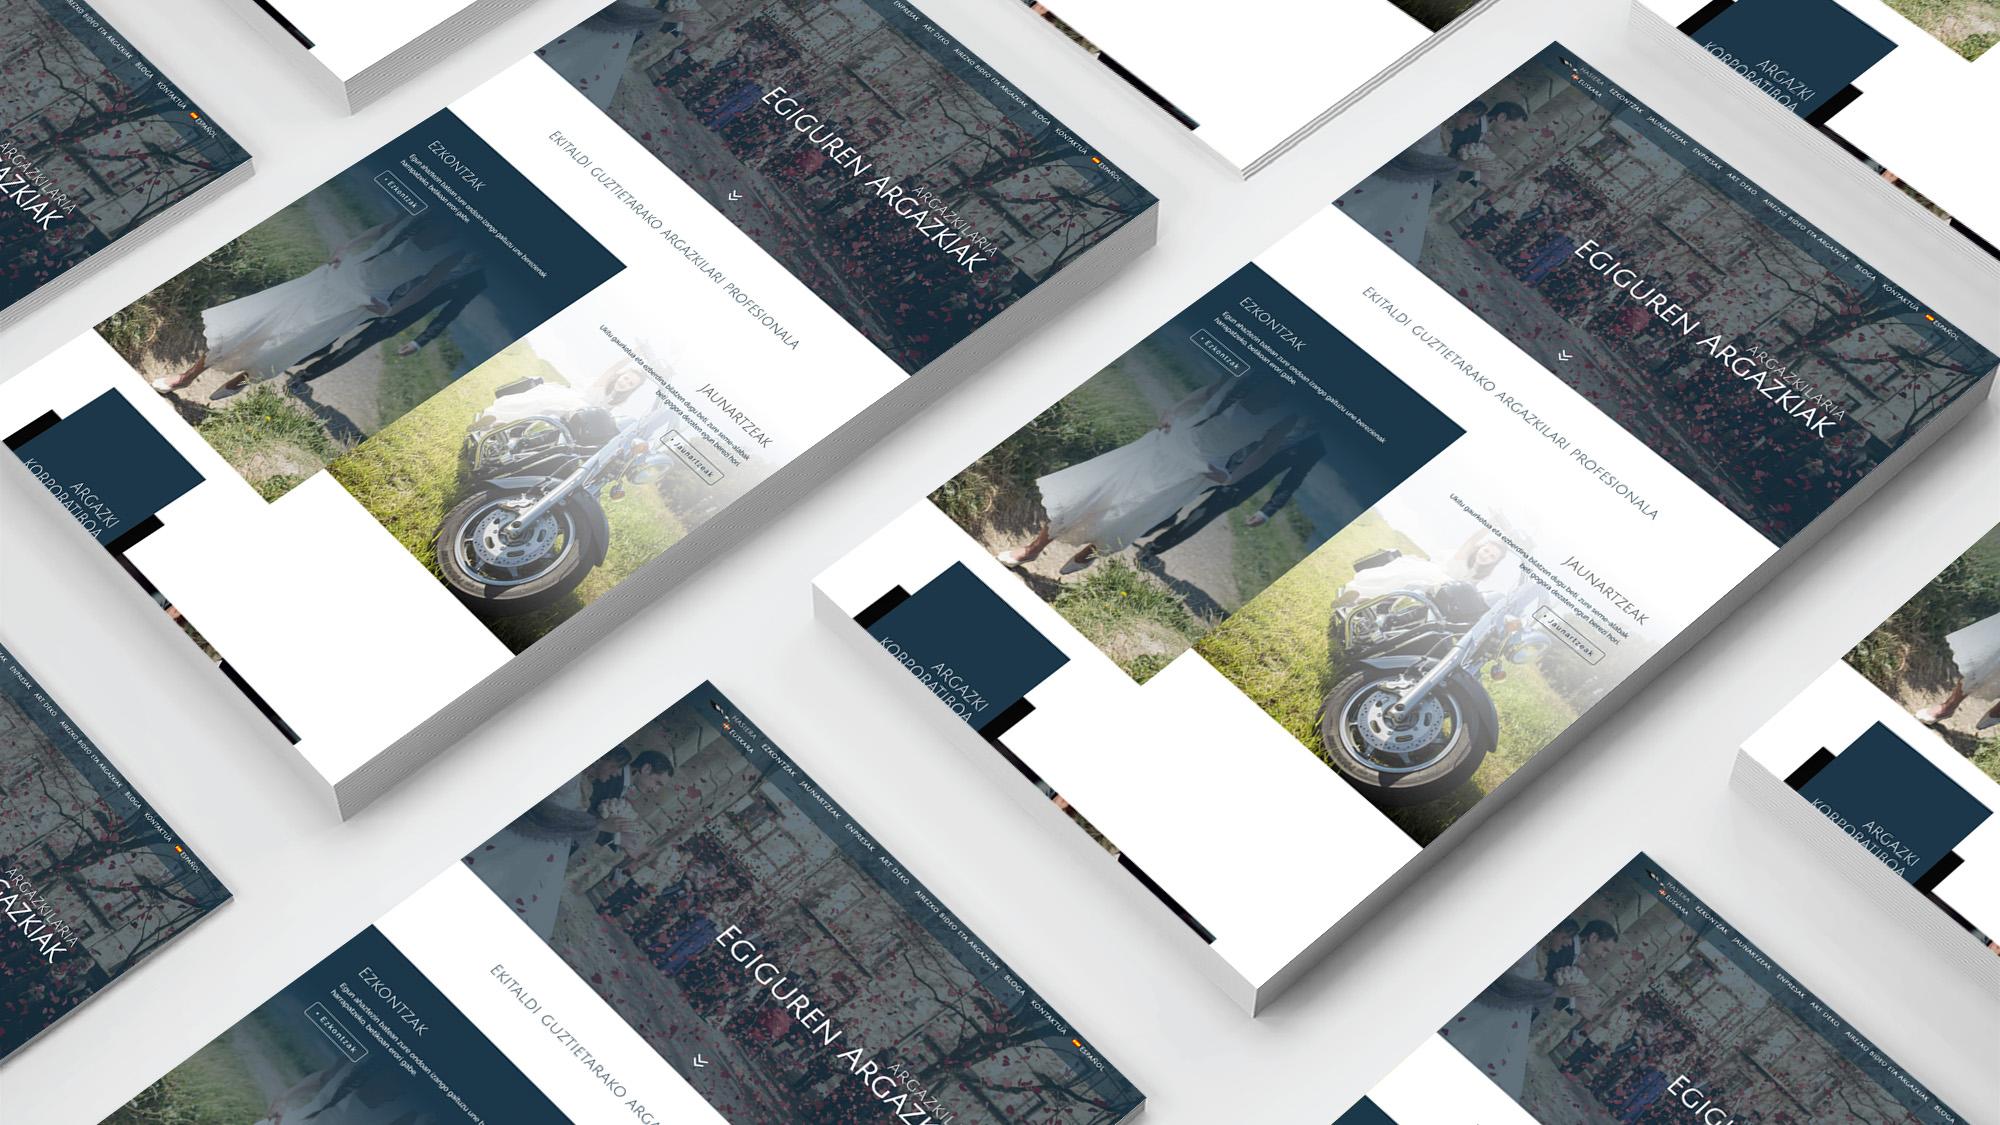 diseño-web-multi-idioma-fotógrafo-egiguren-argazkiak-seik-5